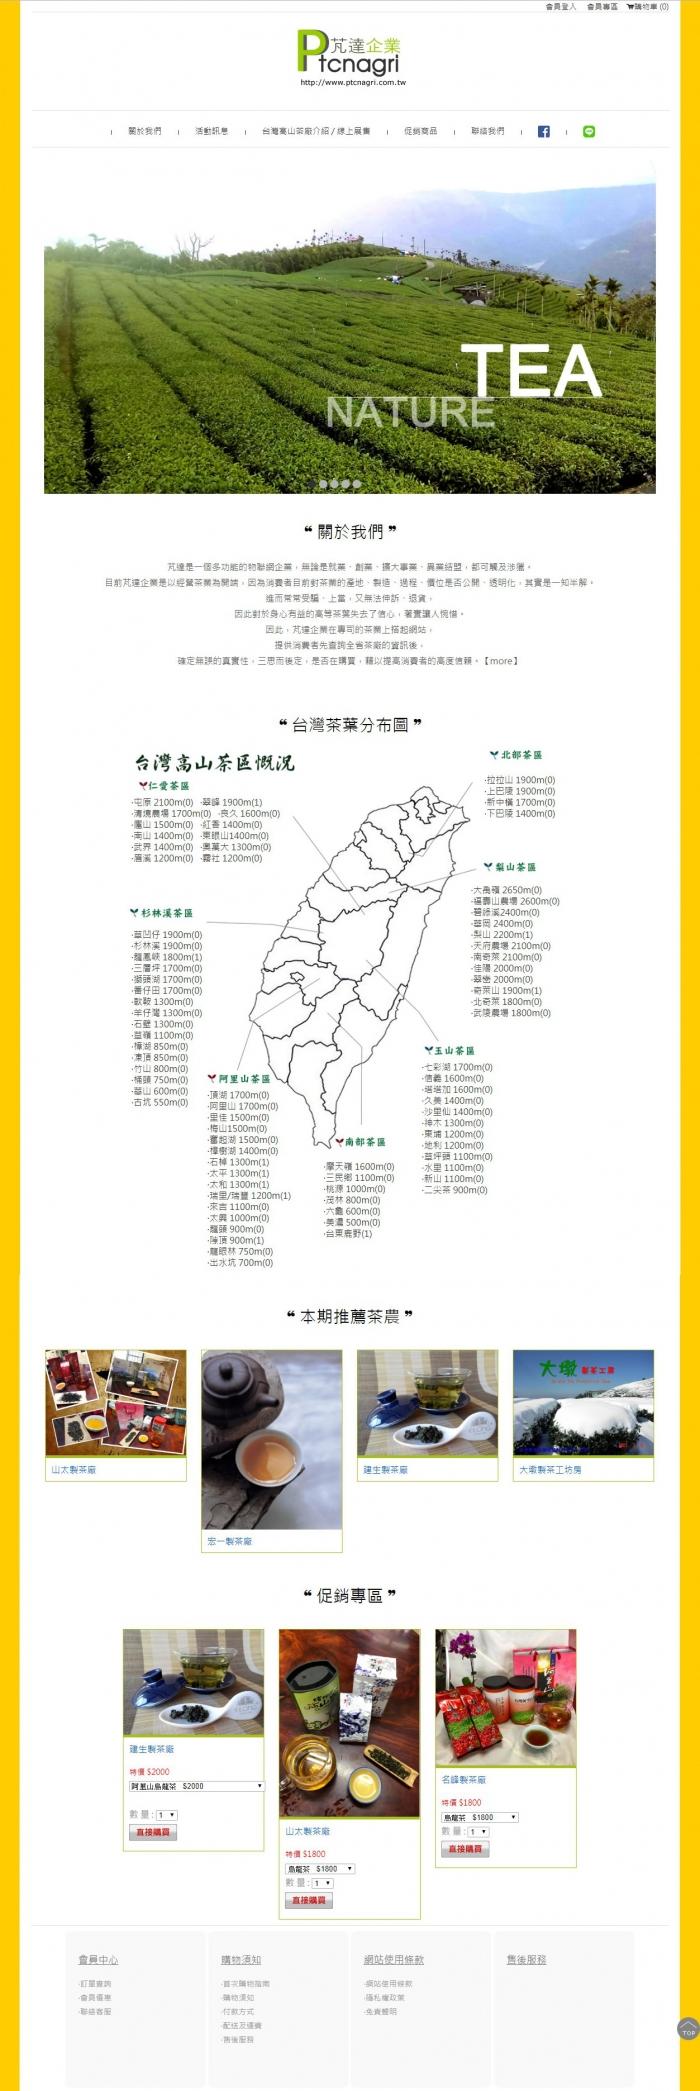 高雄網頁設計 高雄程式設計 工廠管理程式 ,台灣茶葉 ╱ Y.108 網頁設計 程式設計/高雄網頁設計